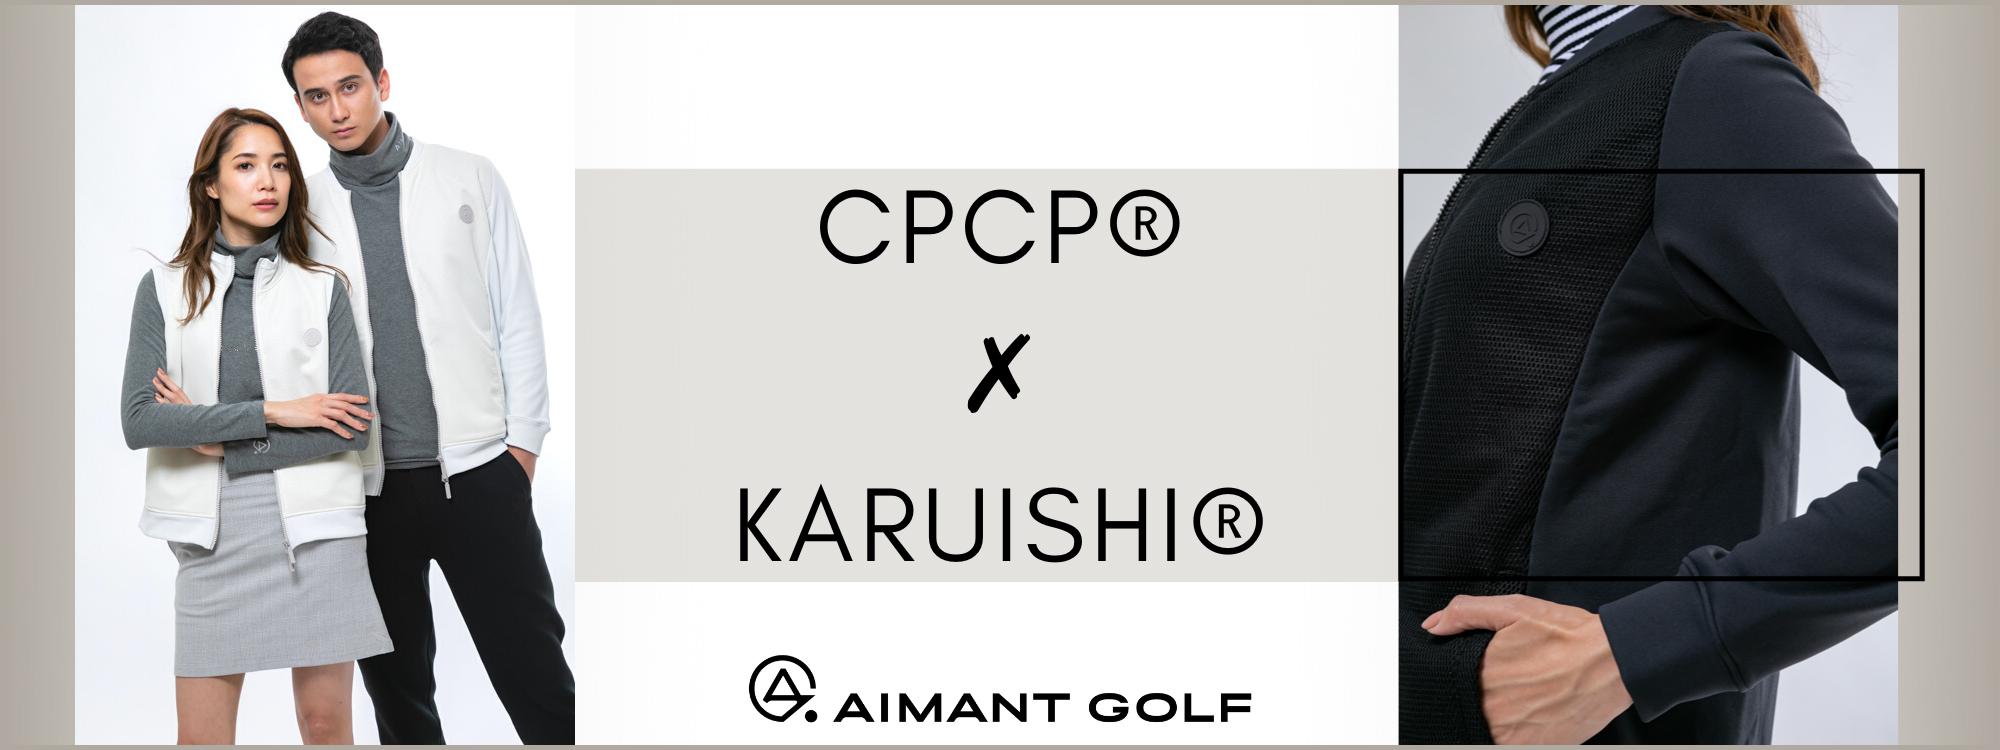 CPCP×KARUISHI